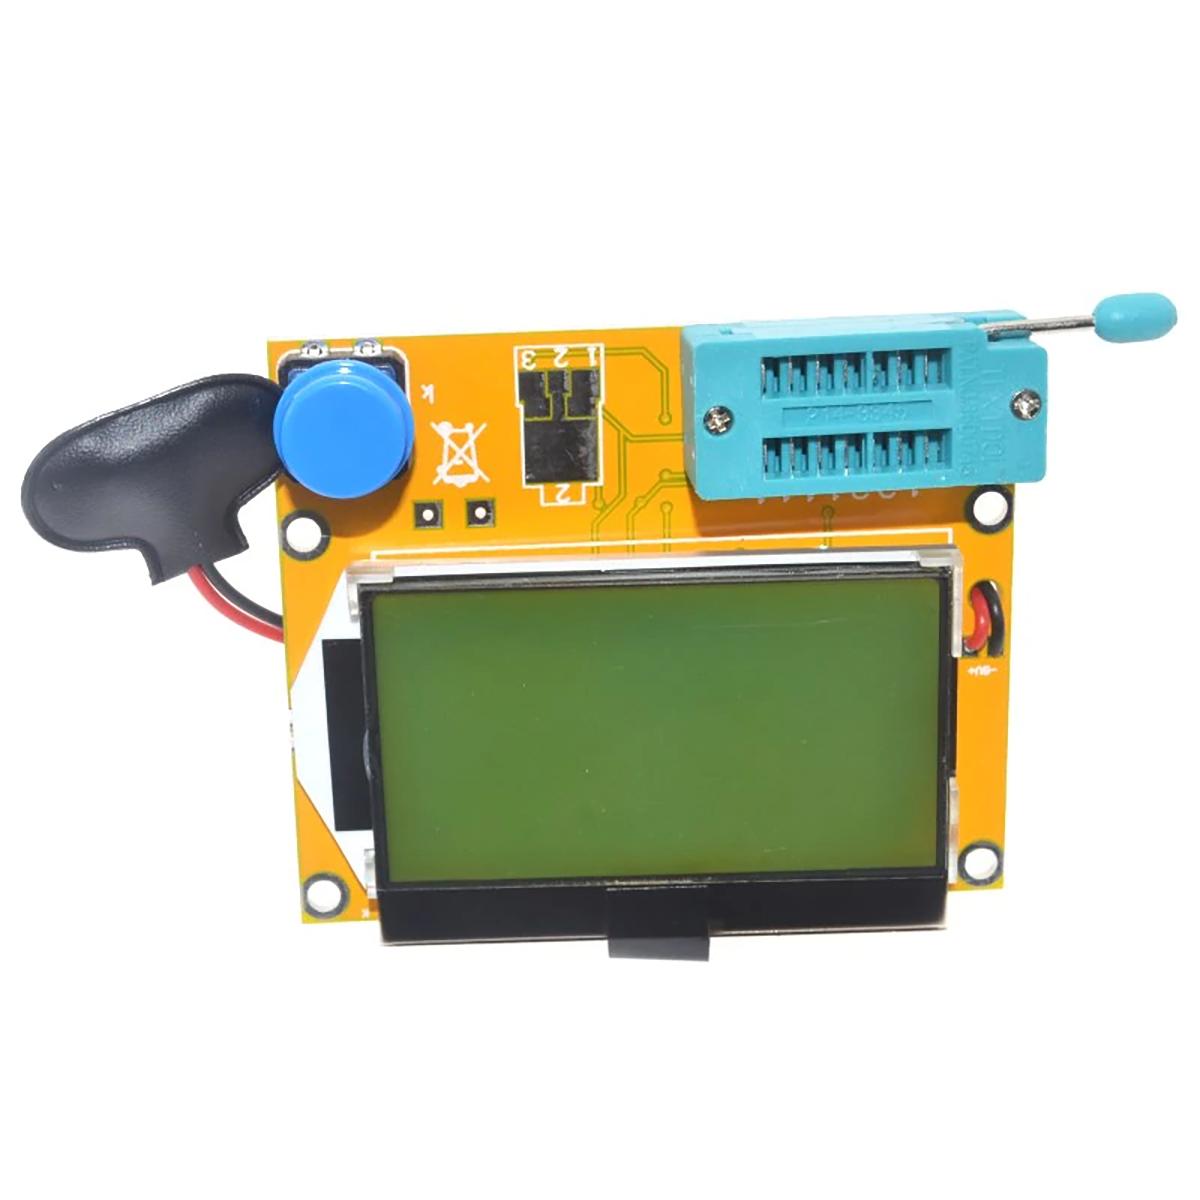 eDealMax LCR-Transistor T4 probador LCD de visualizaci/ón del diodo de capacitancia Tr/íodo ESR medidor MOS PNP NPN SCR inductancia de bricolaje